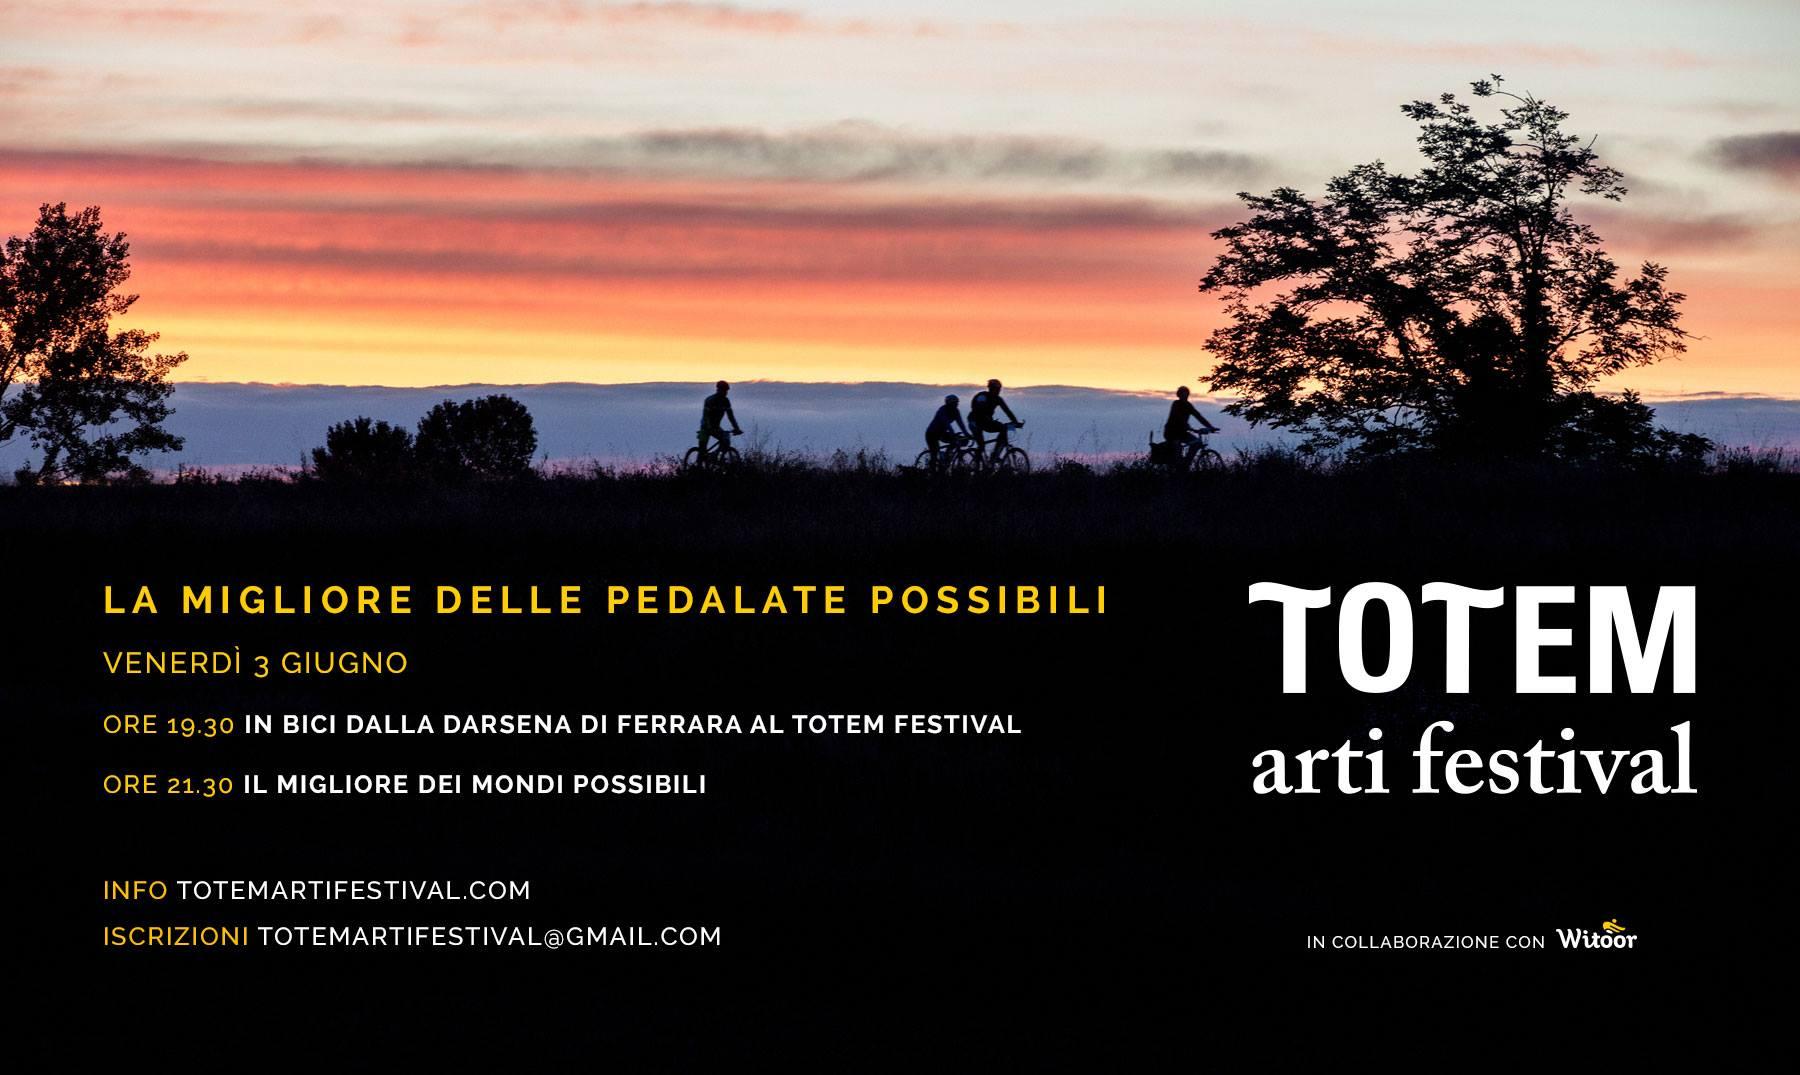 Totem Arti Festival e Witoor: cicloturismo e arte per un festival sul fiume Po, dal 3 al 5 giugno a Ferrara